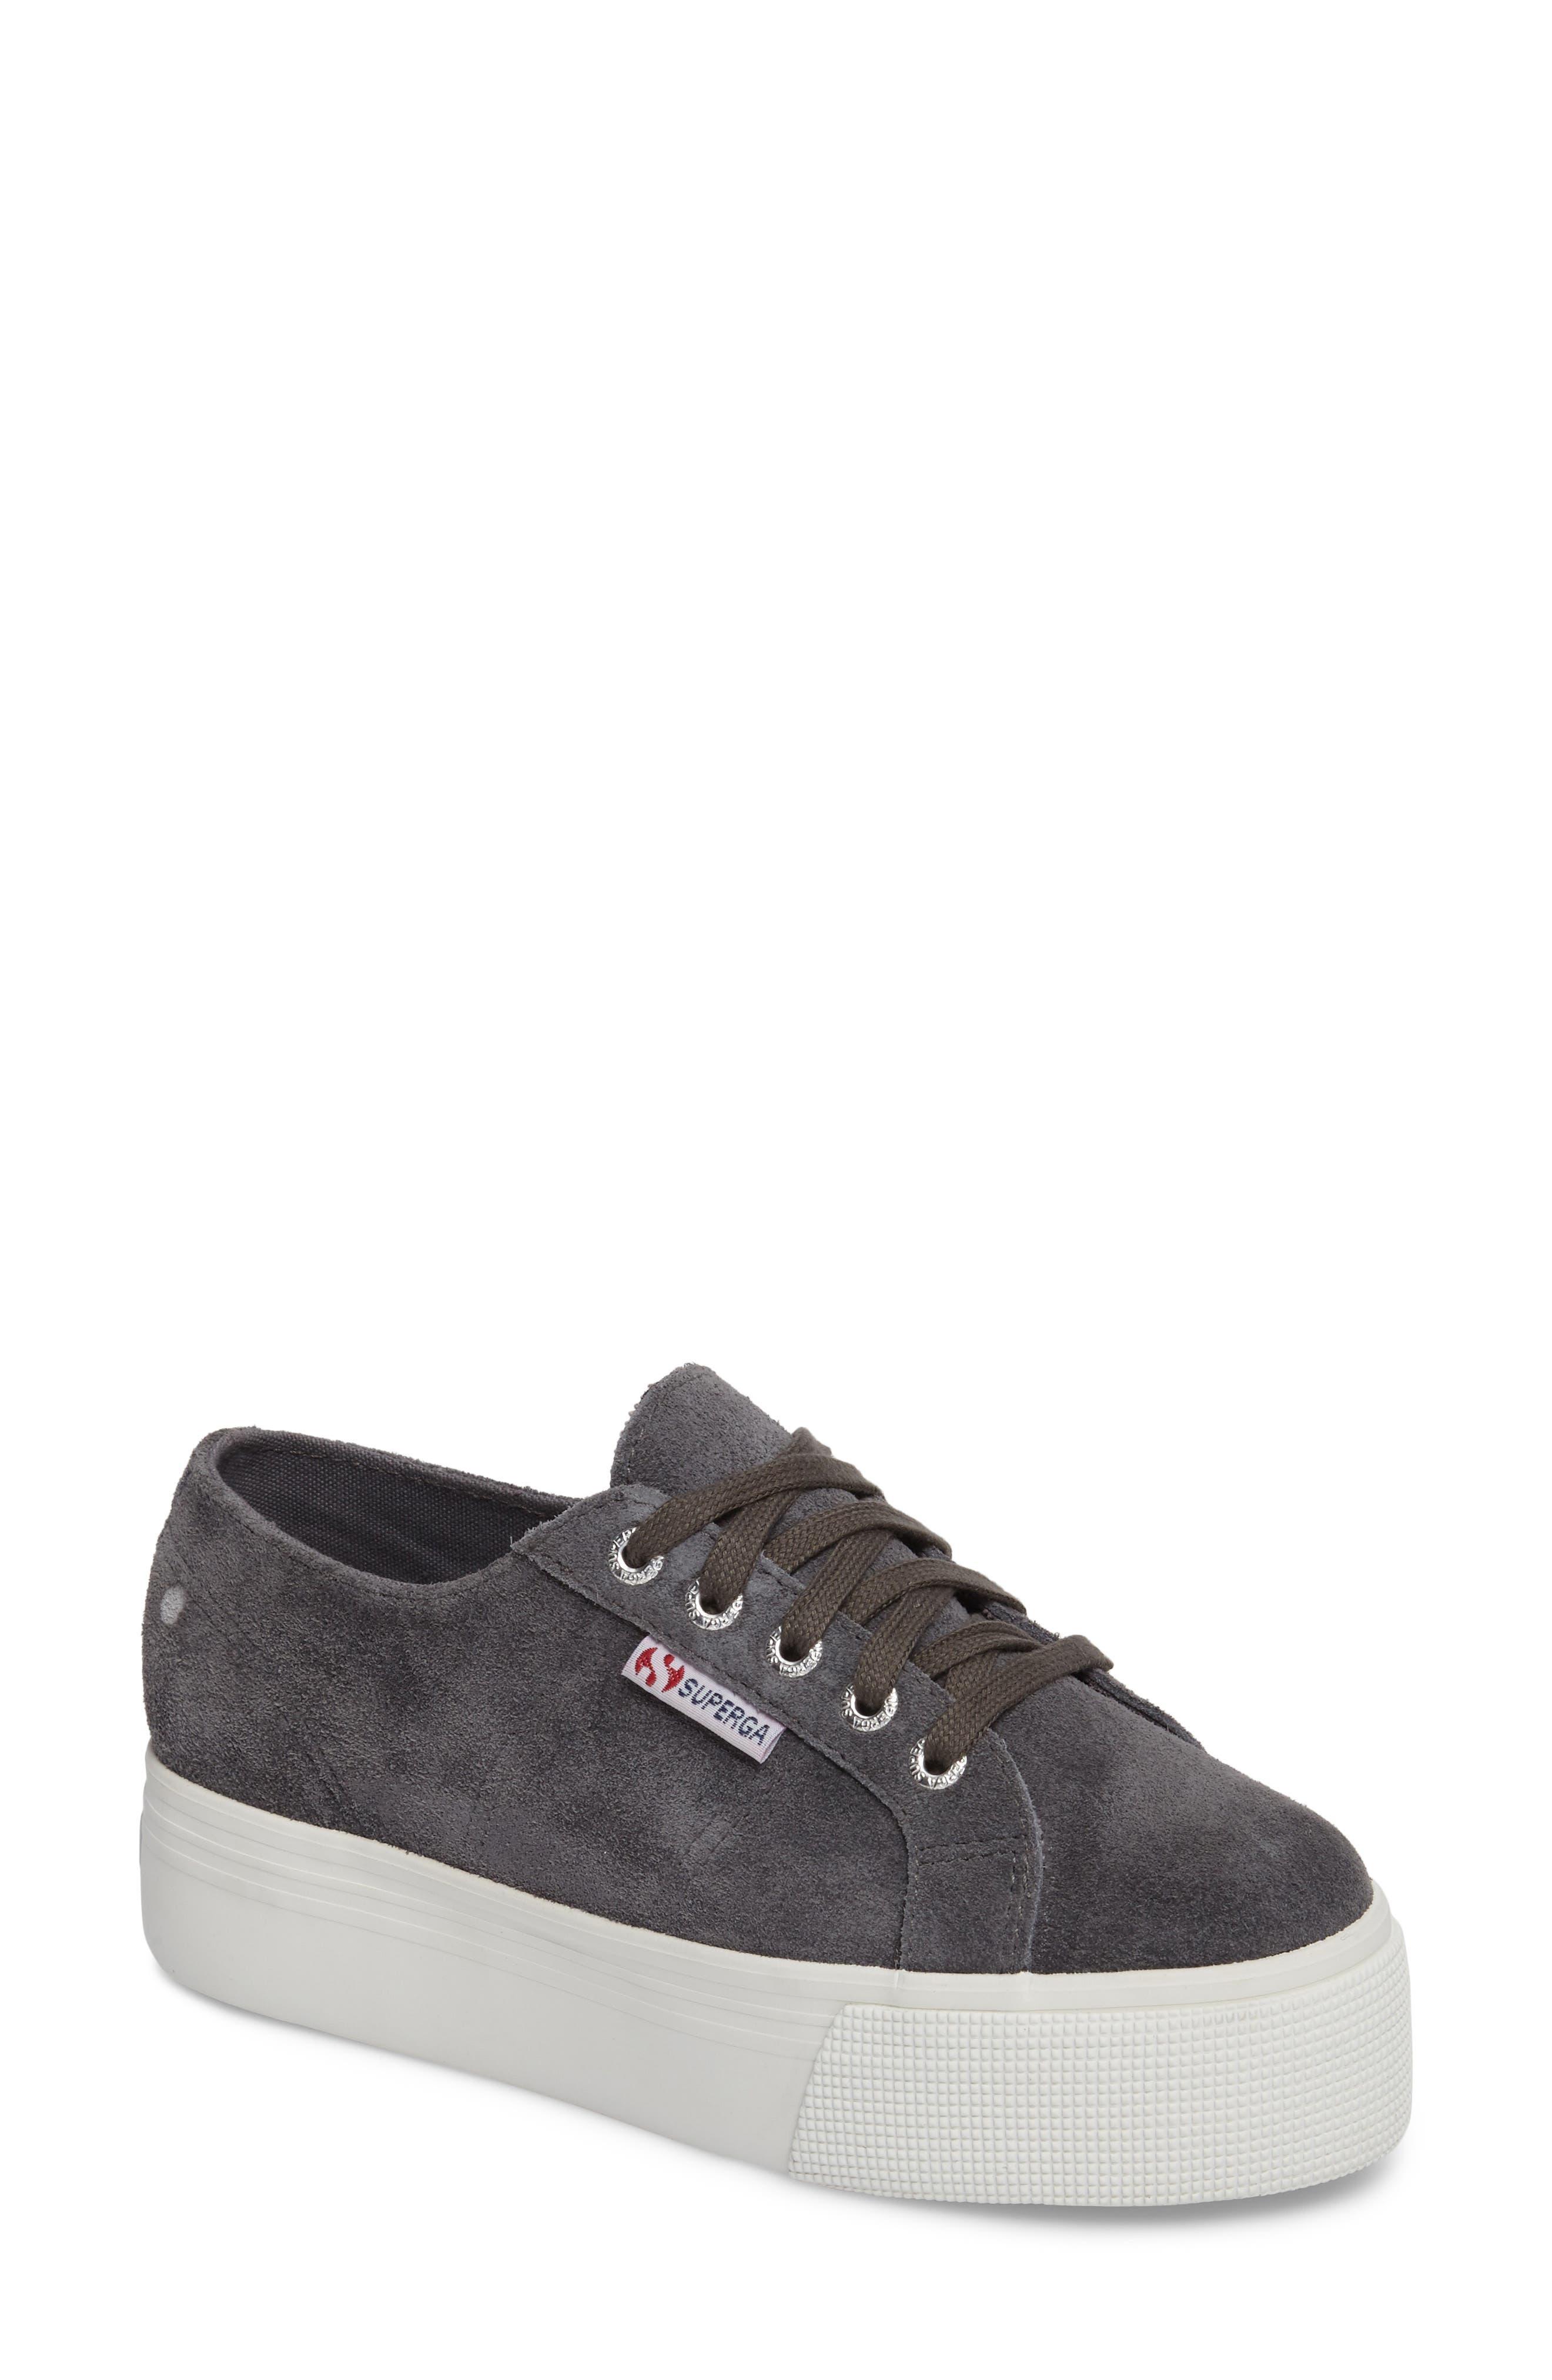 Main Image - Superga 2790 Platform Sneaker (Women)